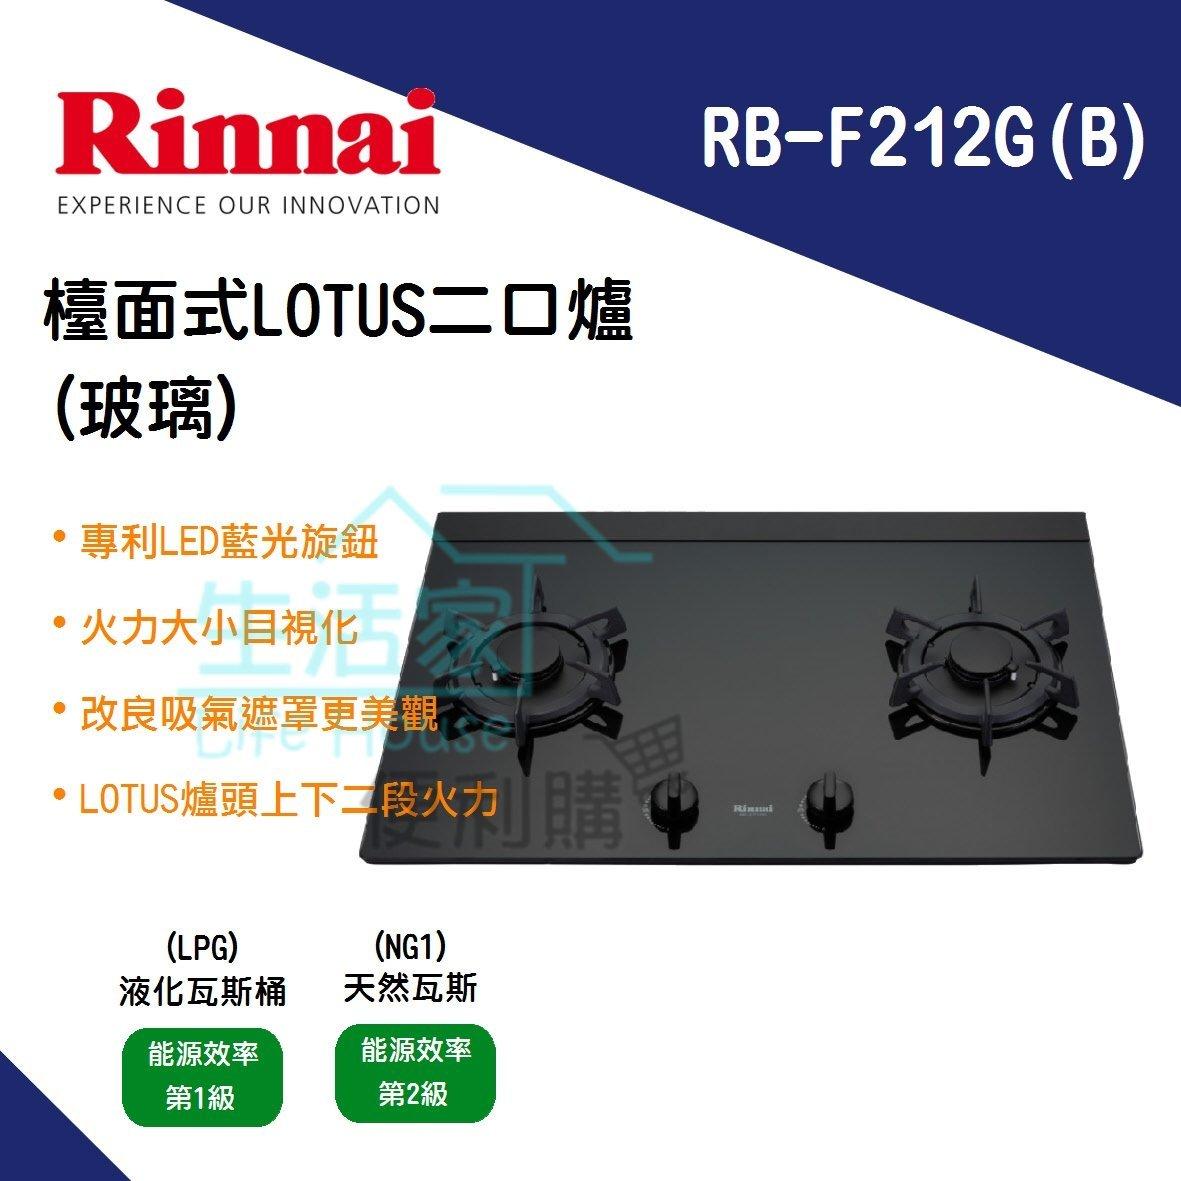 【 家便利購】《附發票》林內牌 RB-F212G(B) 檯面式 LOTUS二口爐(黑玻璃) 瓦斯爐 專利LED藍光旋鈕